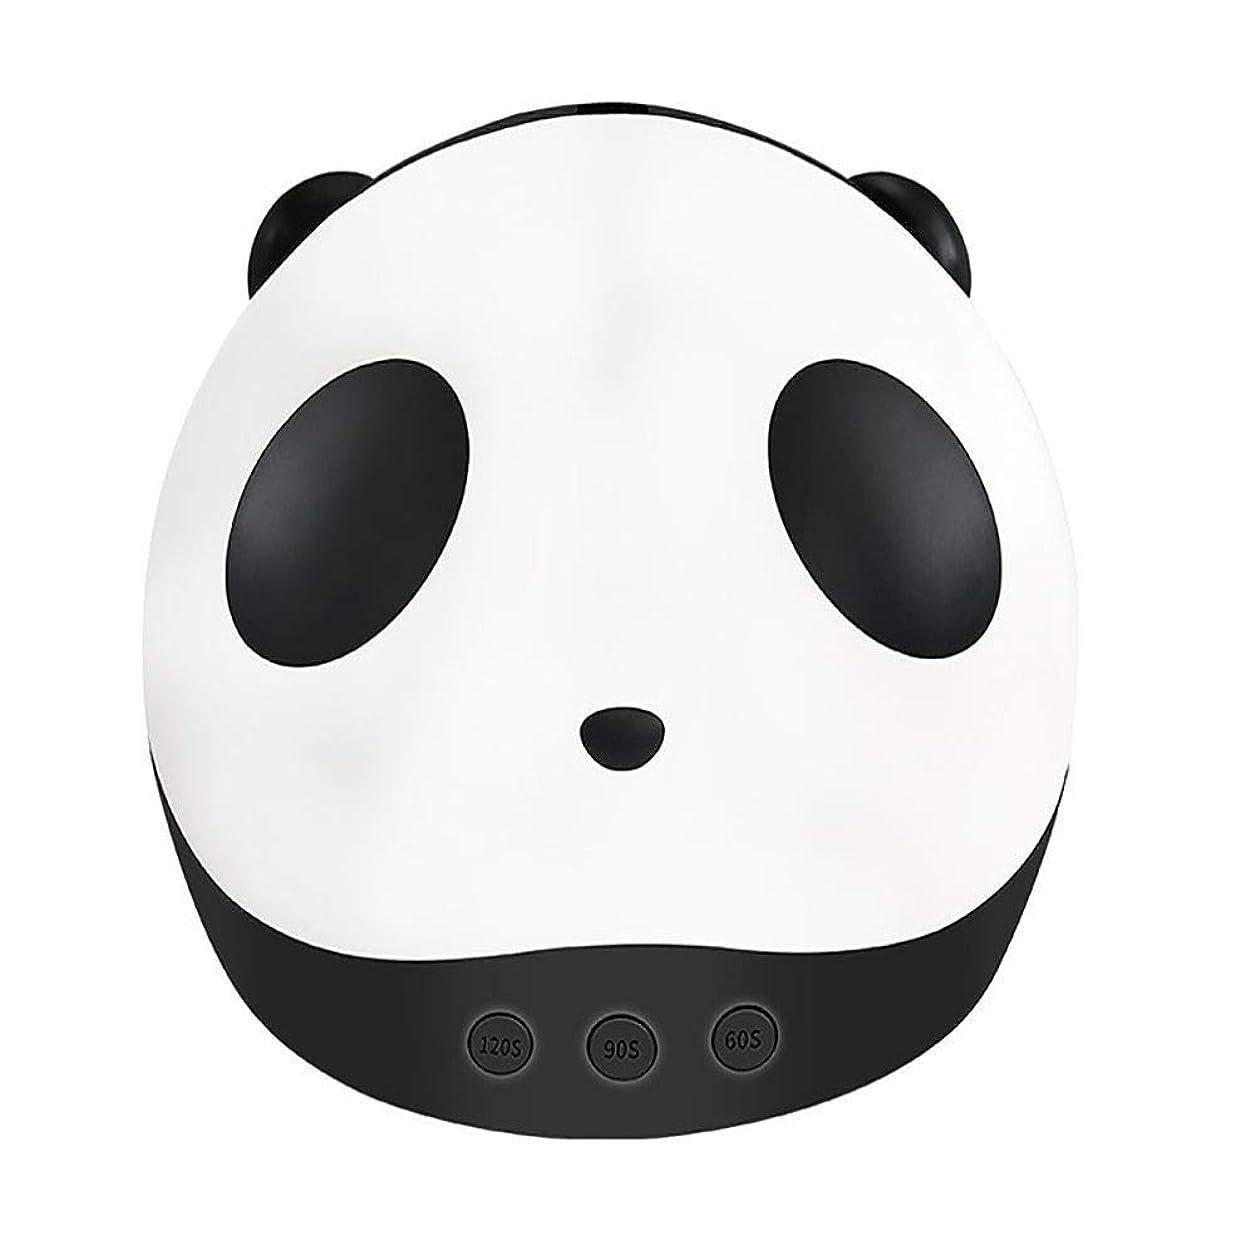 子犬理容師実装するパンダネイルドライヤーミニUV光線療法Led光線療法ライト36ワットスマートネイル光線療法機ネイルライト付き3タイマー設定機能、黒 (Color : Black)